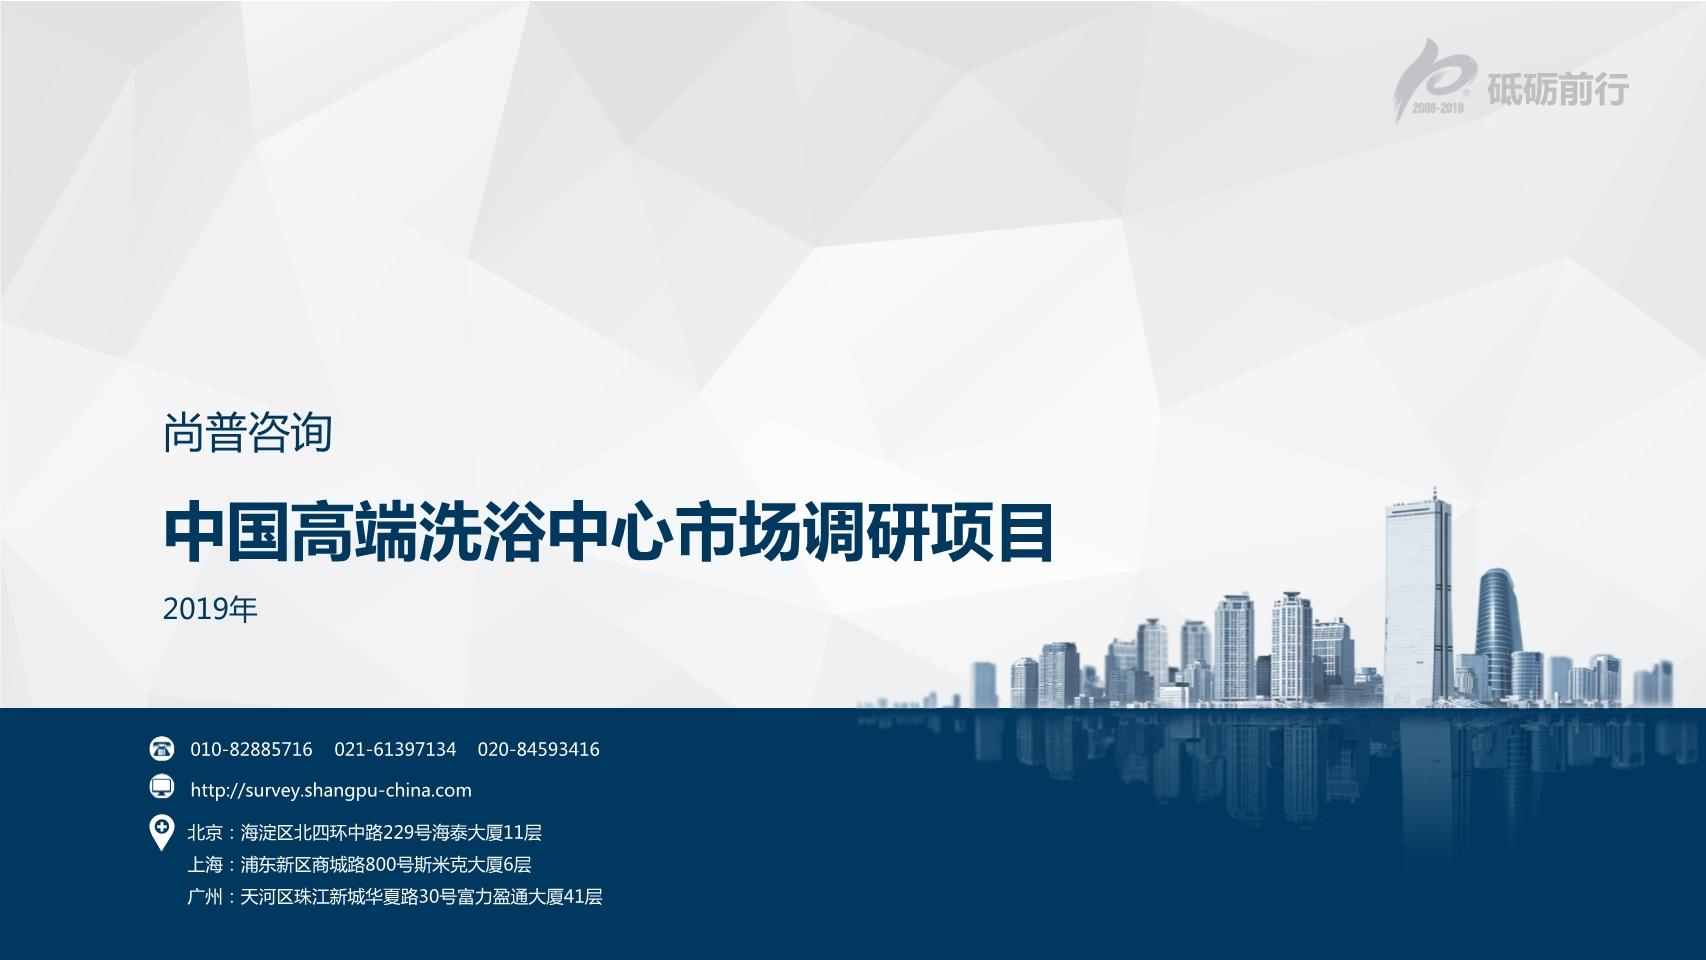 尚普咨询-中国高端洗浴中心市场调研项目